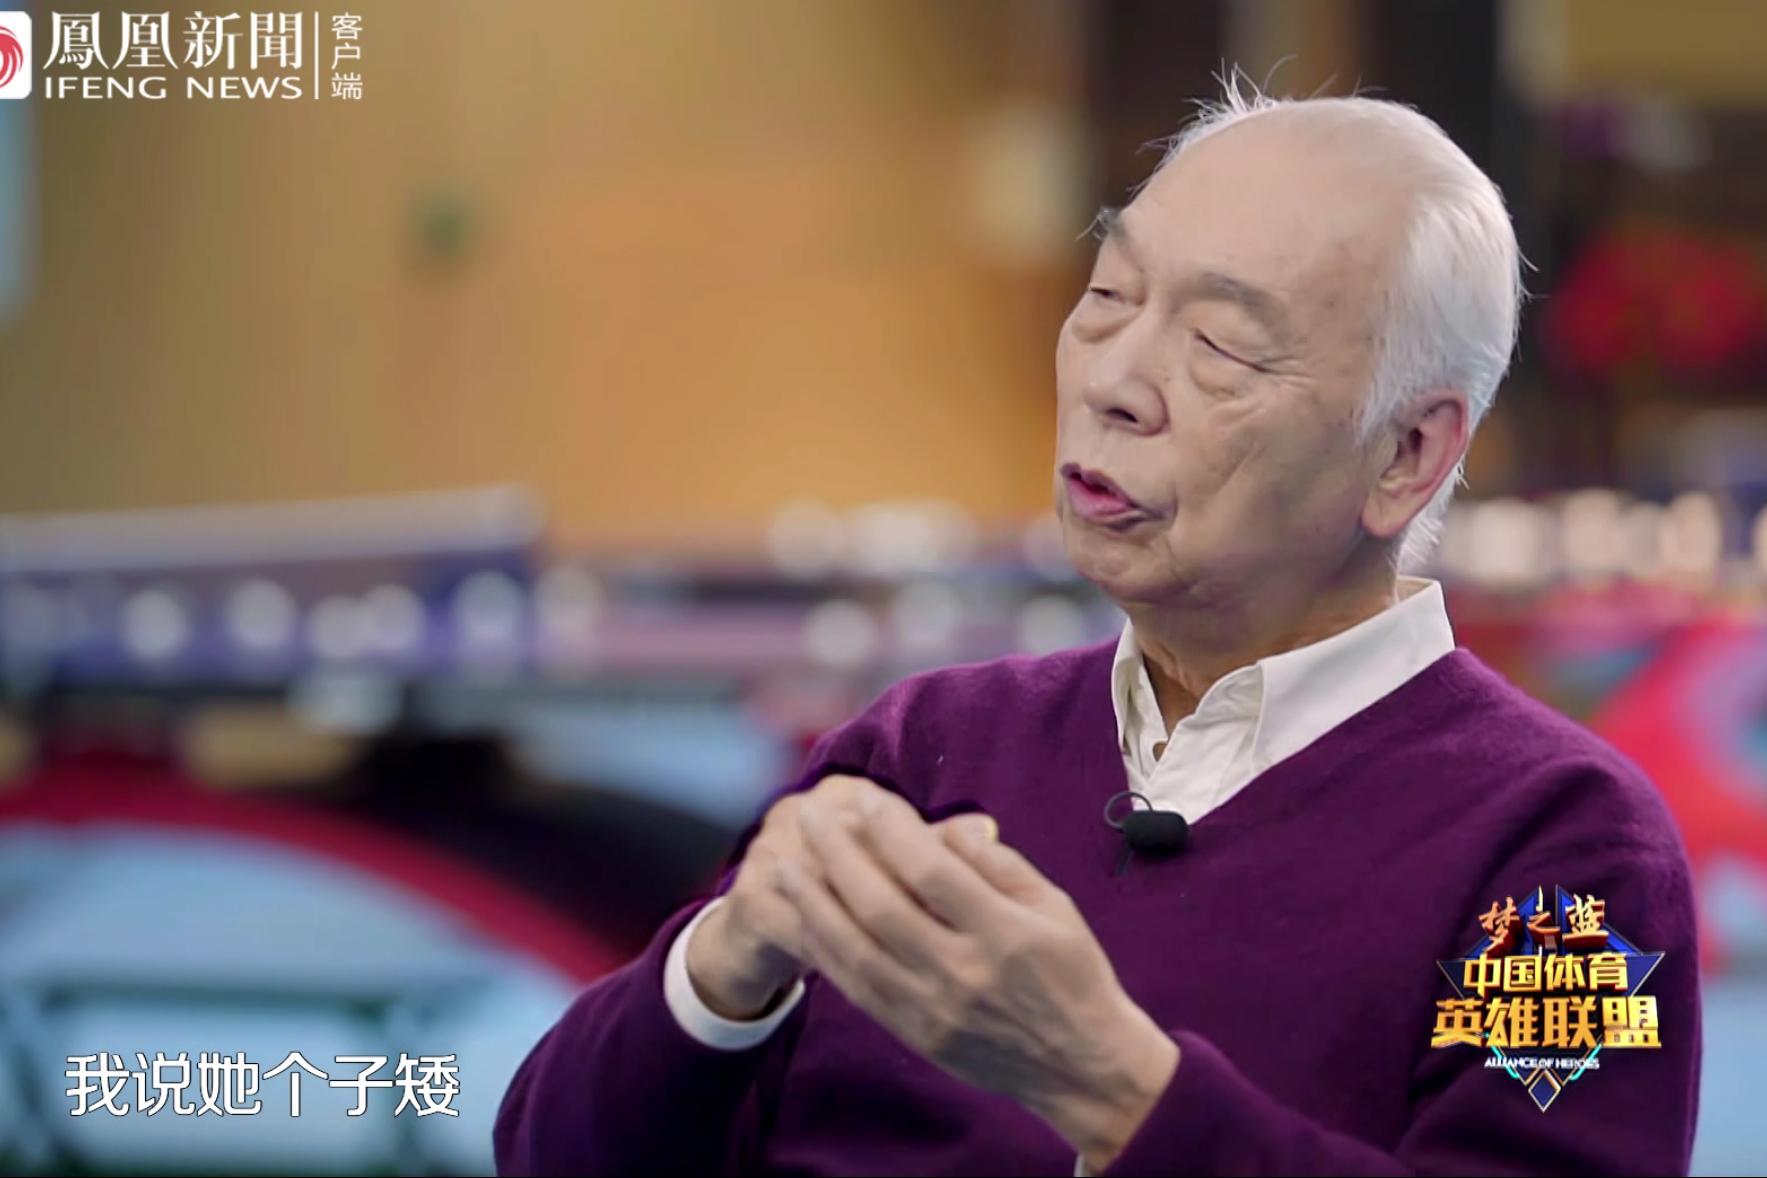 邓亚萍外貌曾被国家队教练嫌弃